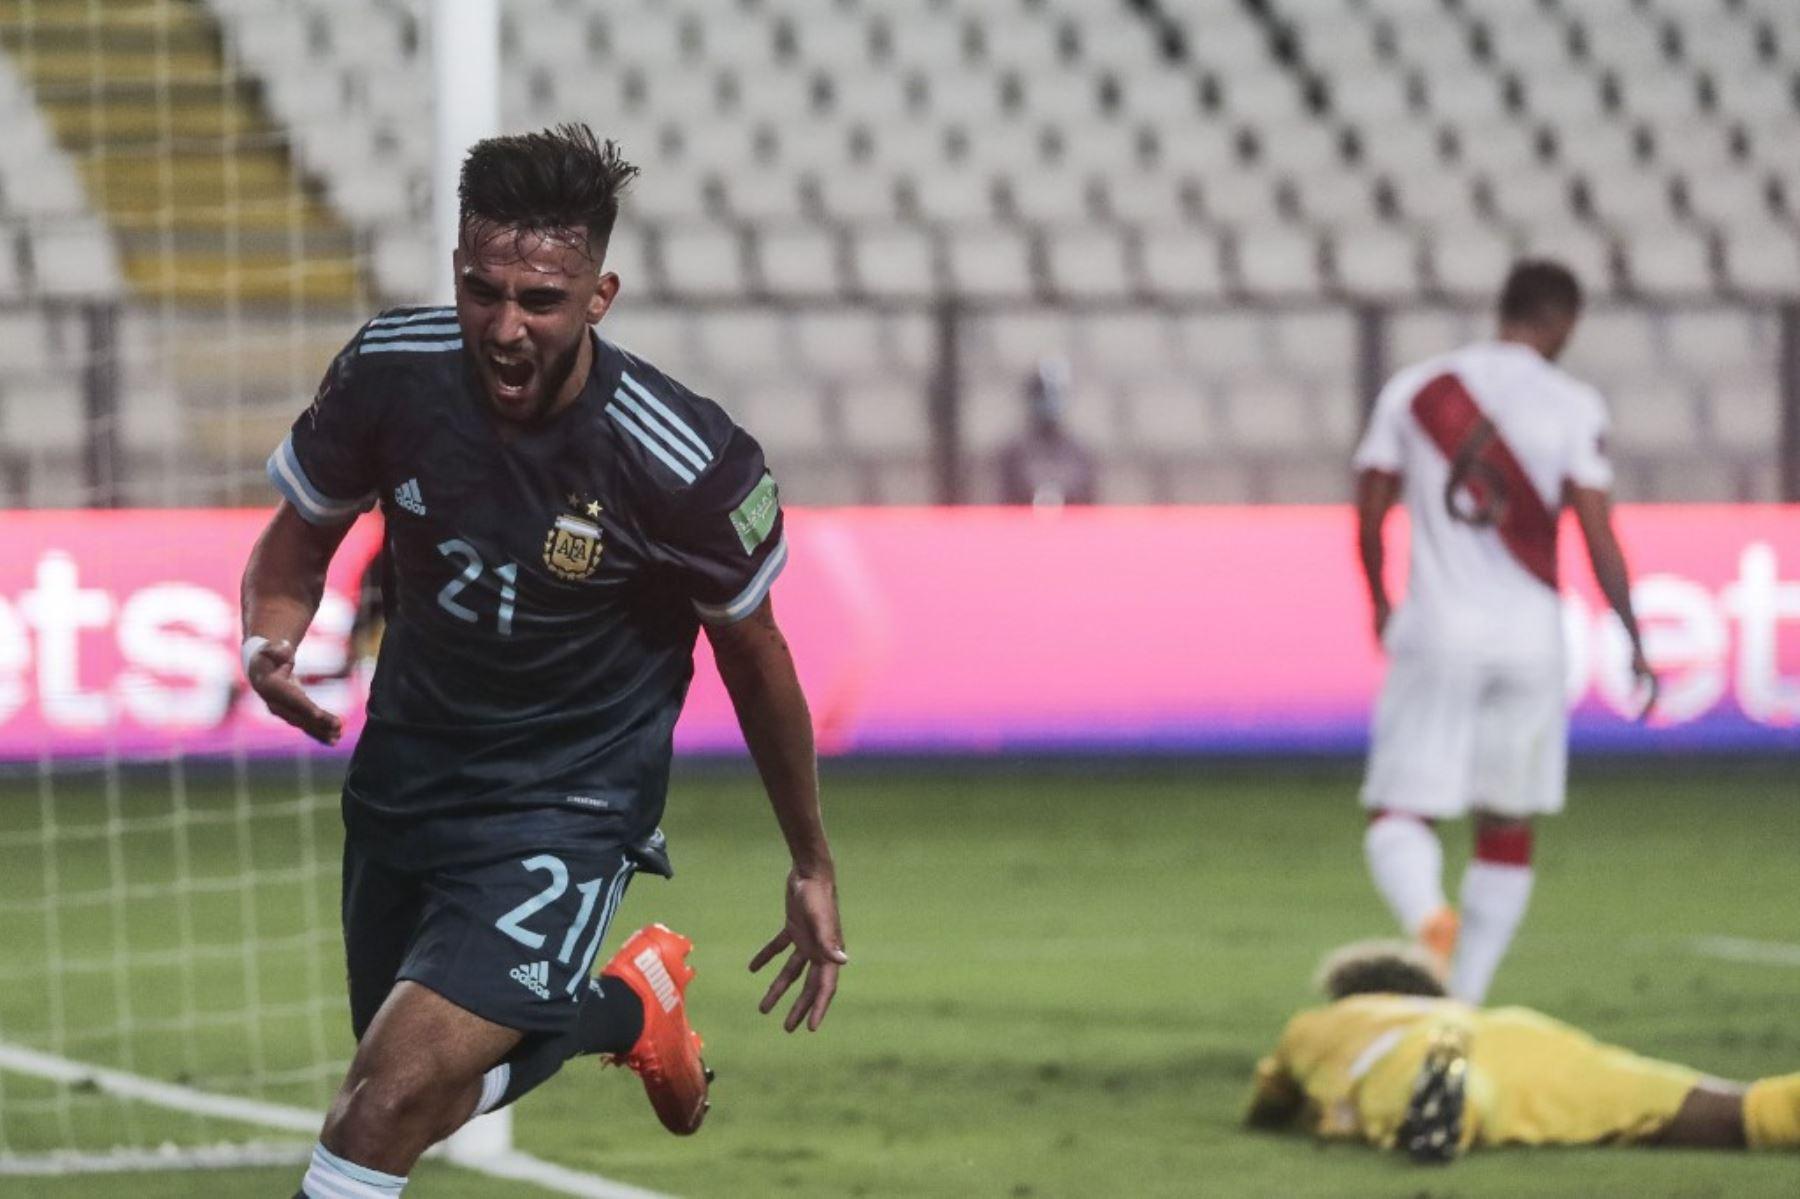 El argentino Nicolás González celebra tras anotar contra Perú durante el partido de fútbol a puertas cerradas clasificatorio sudamericano para la Copa Mundial de la FIFA 2022 en el Estadio Nacional de Lima. Foto: AFP